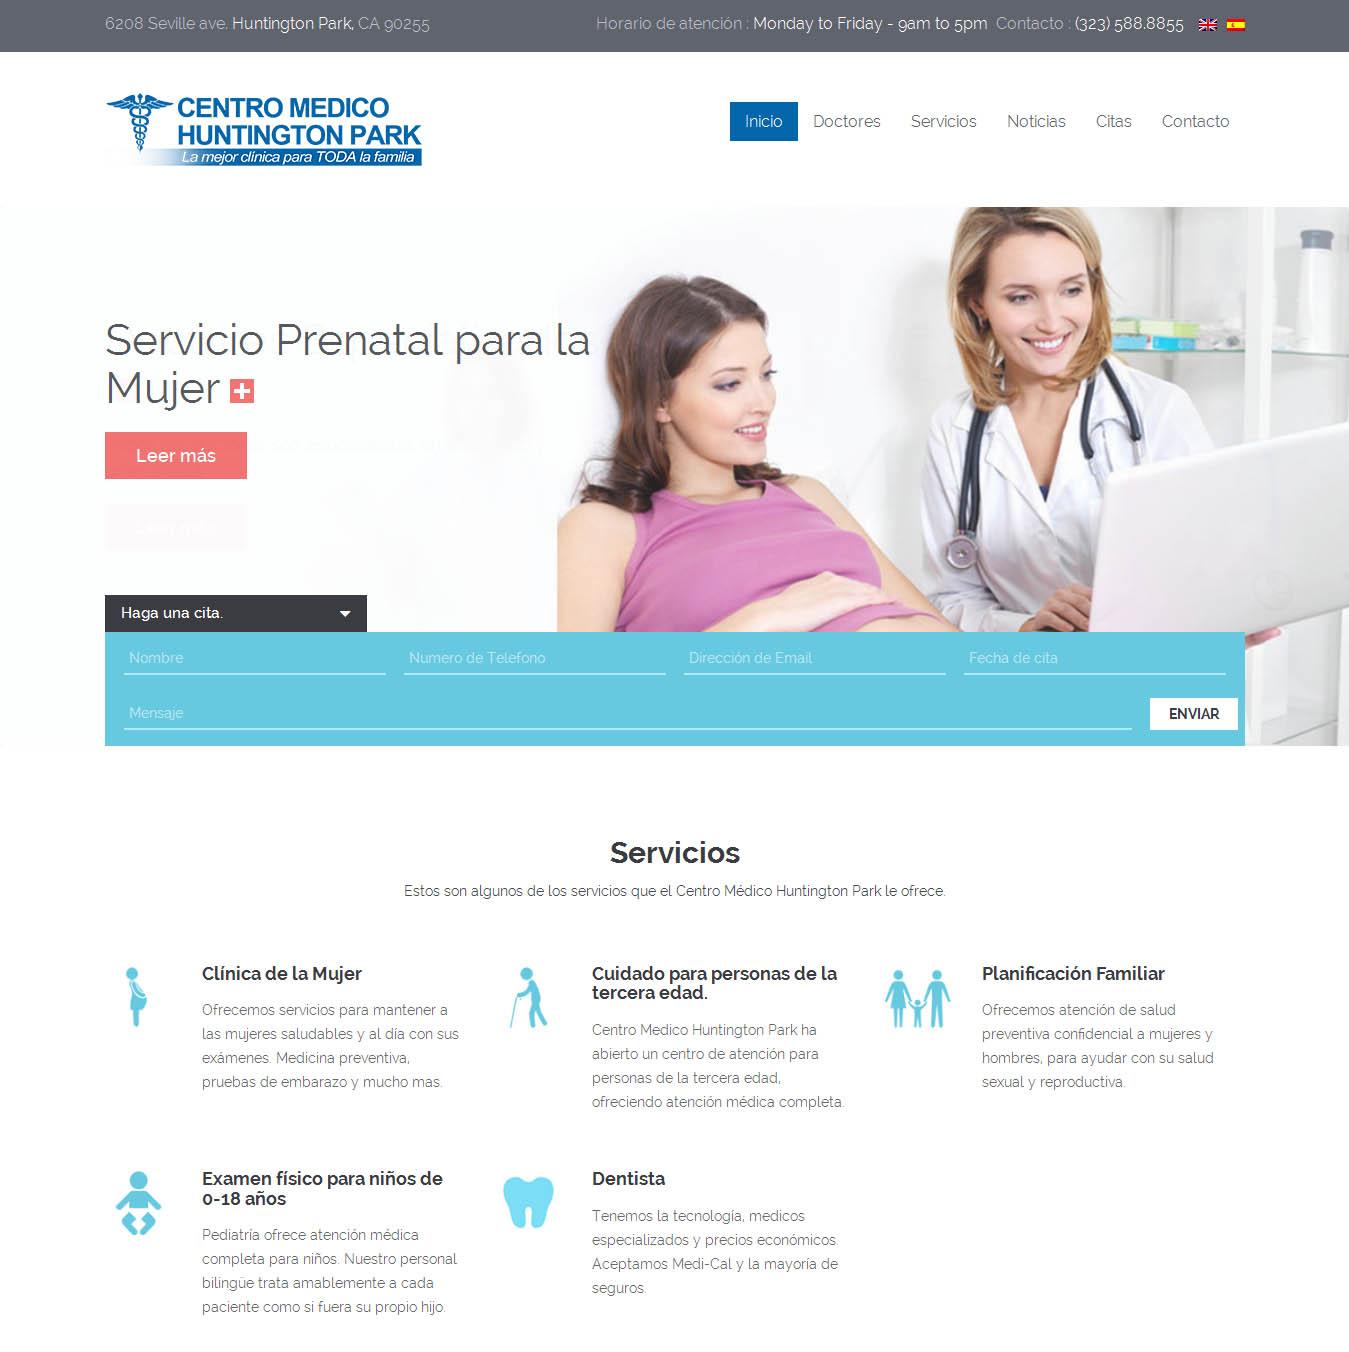 Centro medico Huntington Park